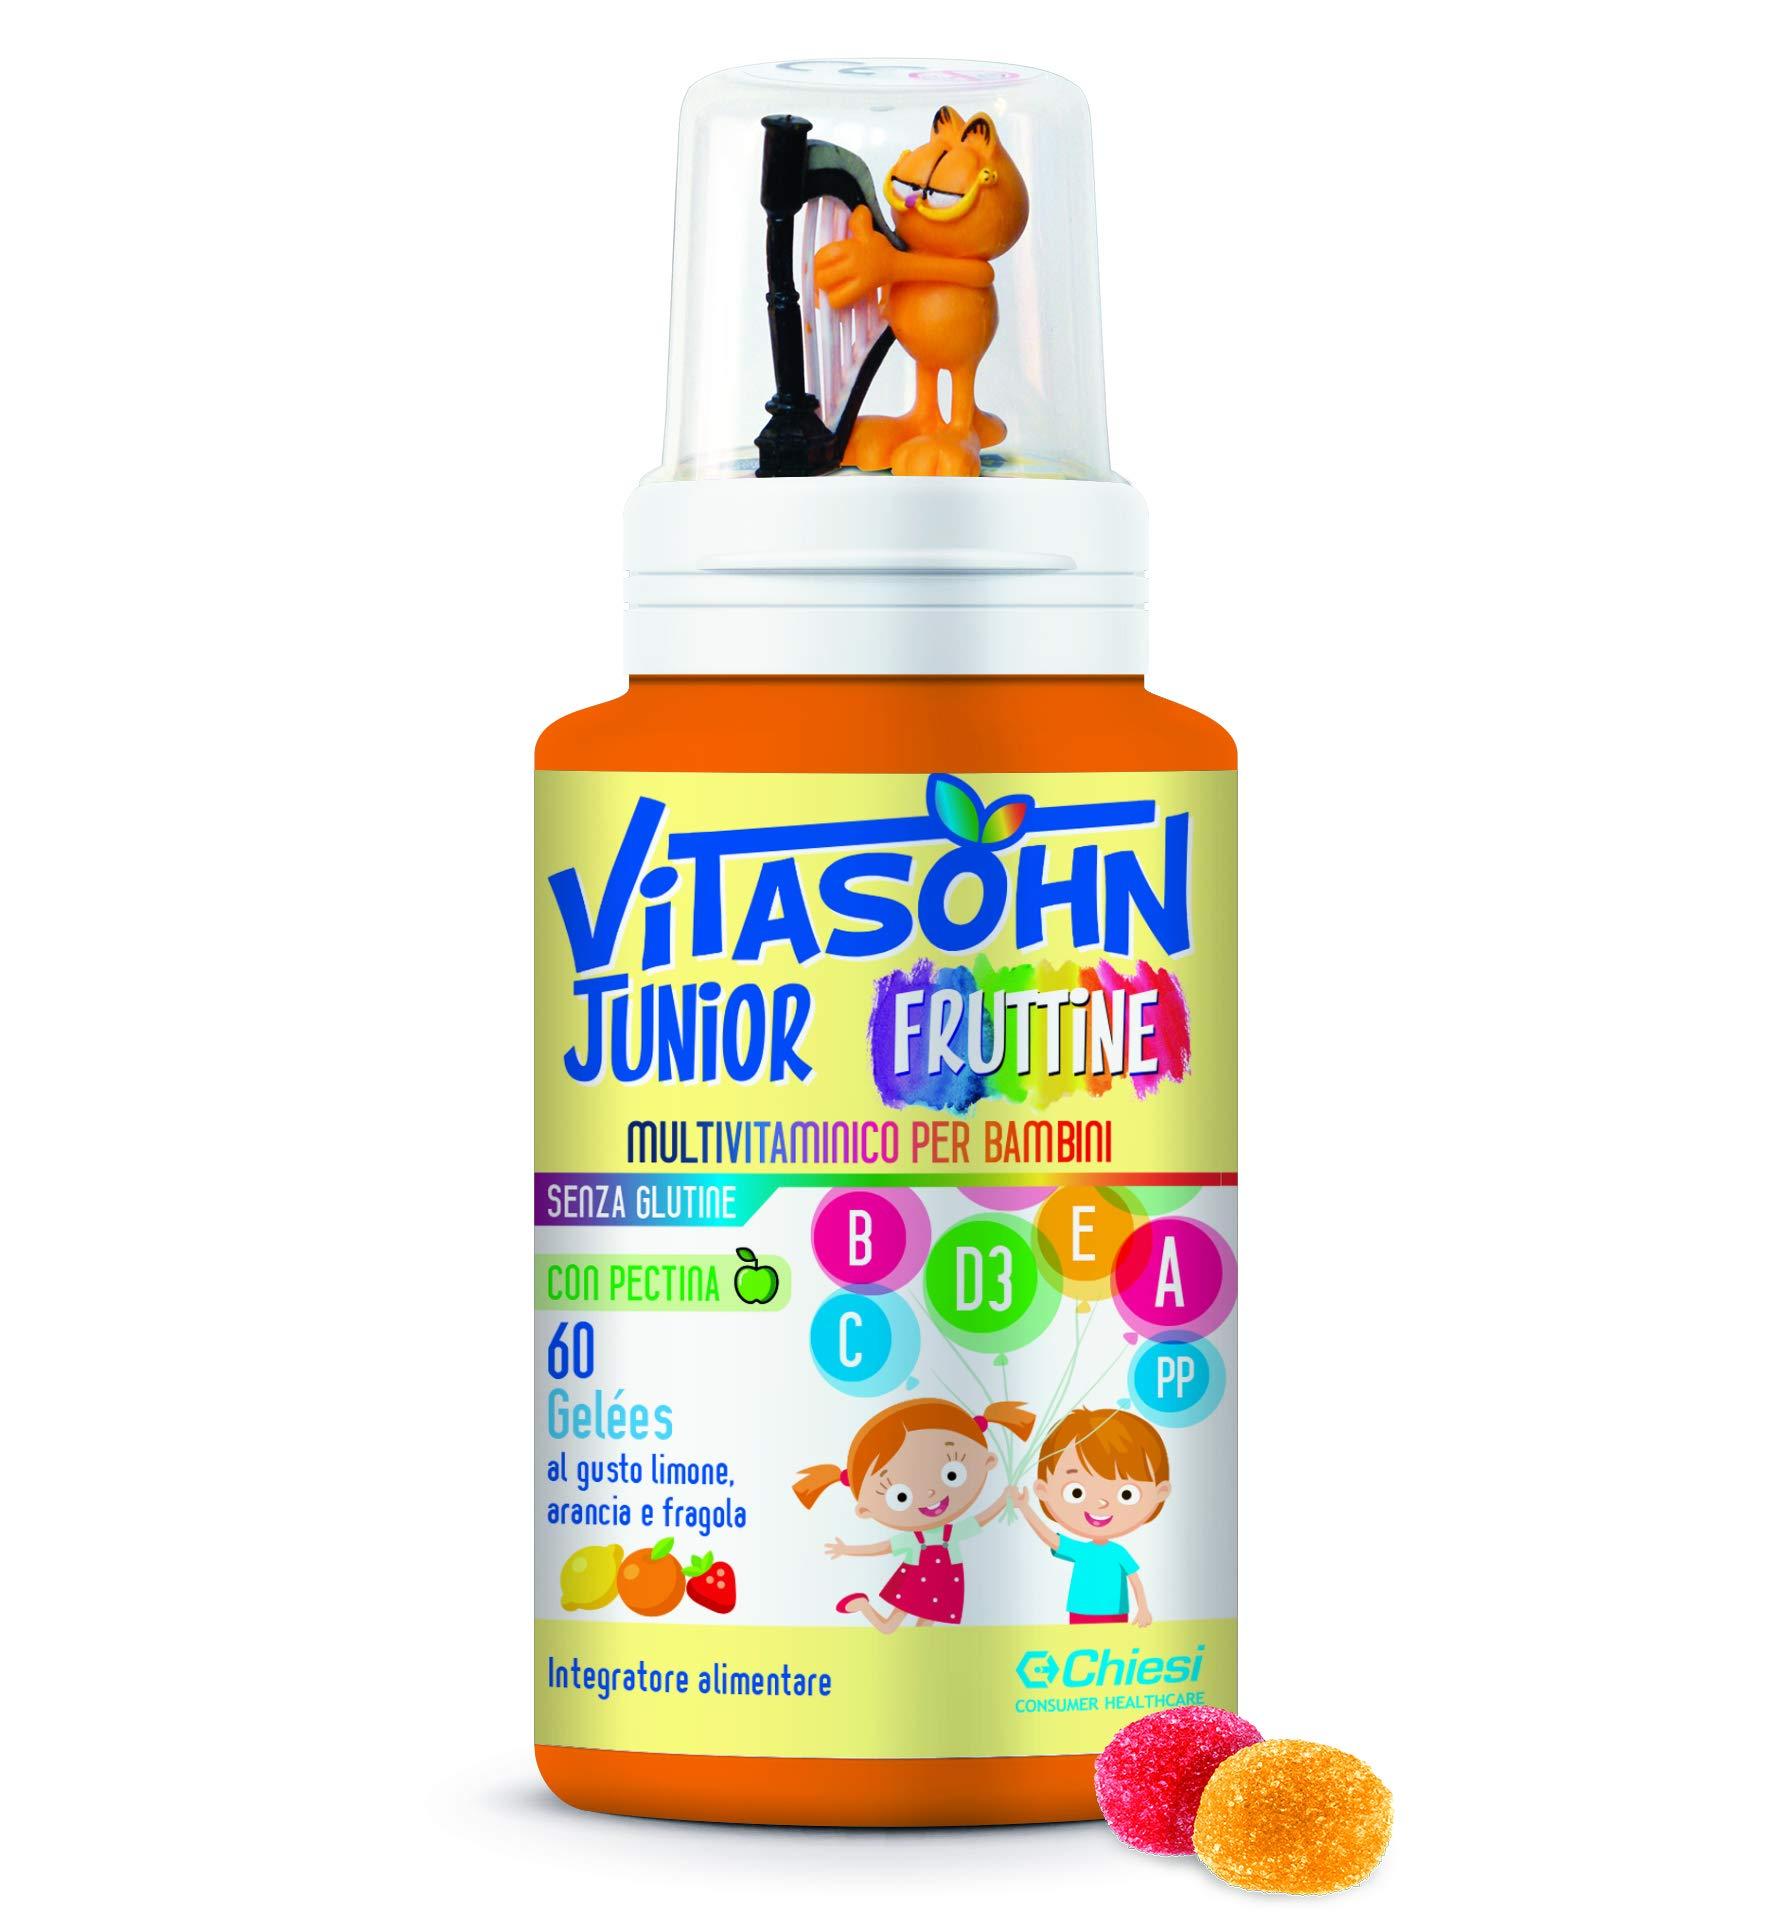 Vitasohn Junior Fruttine 60 Caramelle Gelée - Integratore alimentare multivitaminico per bambini con pectina al gusto di… 1 spesavip